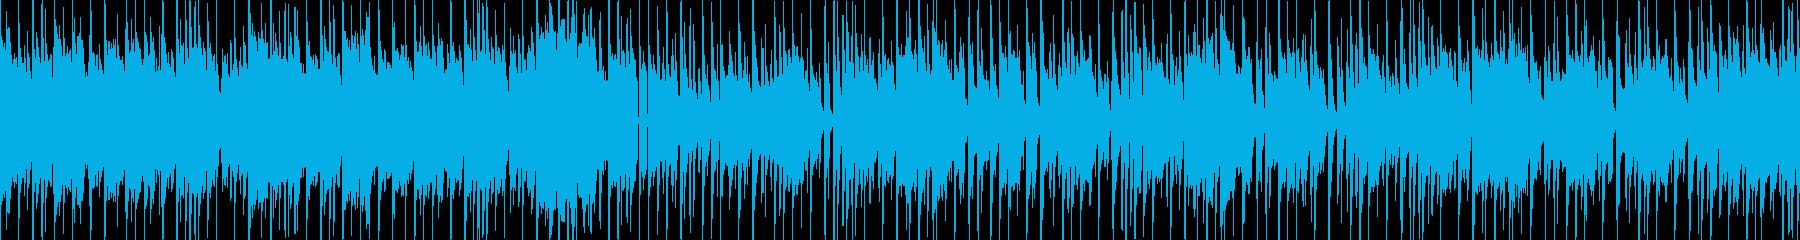 和楽器によるポップなEDM・ループ版の再生済みの波形